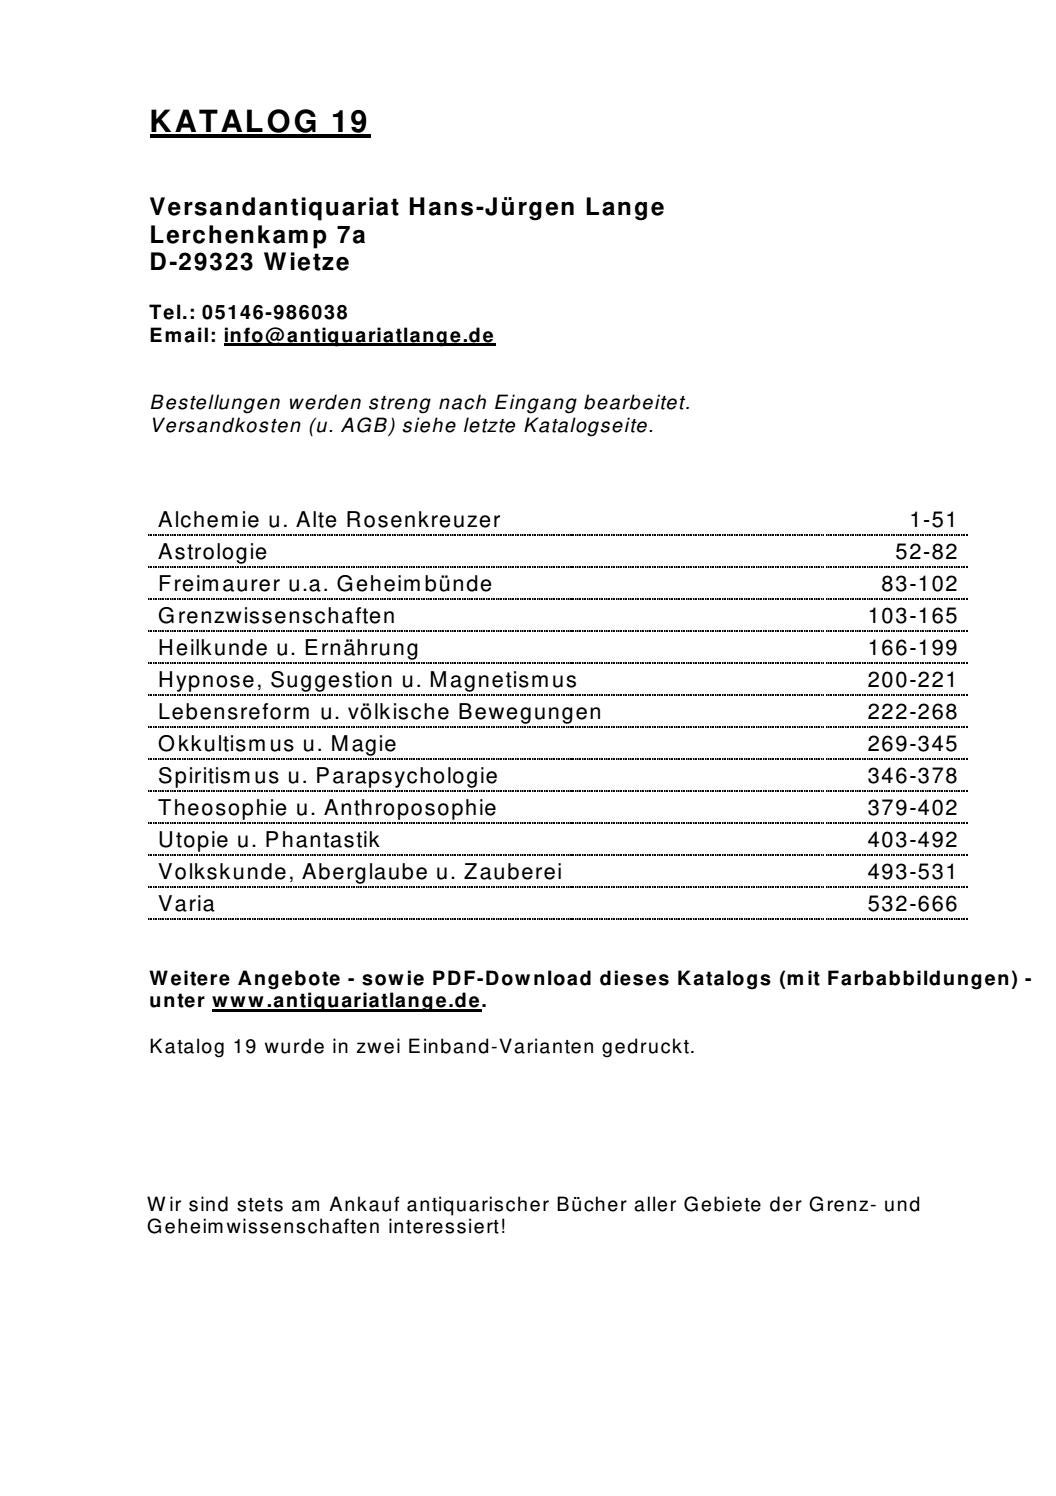 Ausgezeichnet Anatomie Der Melancholie Zusammenfassung Galerie ...